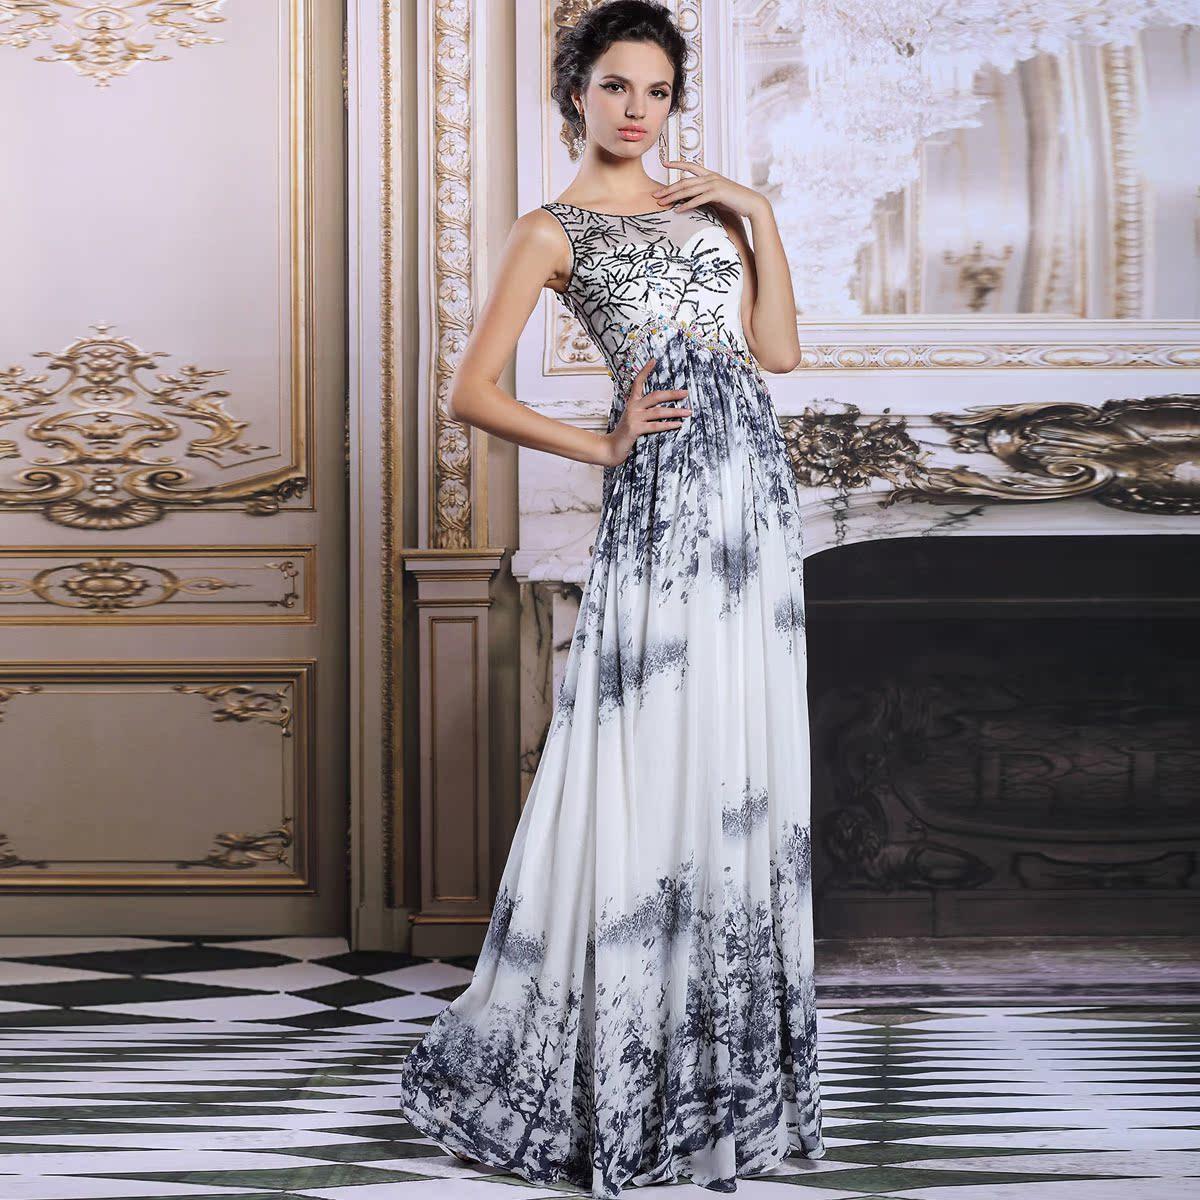 Вечернее платье Duoliqi 31208 2015 вечернее платье duoliqi 31208 2015